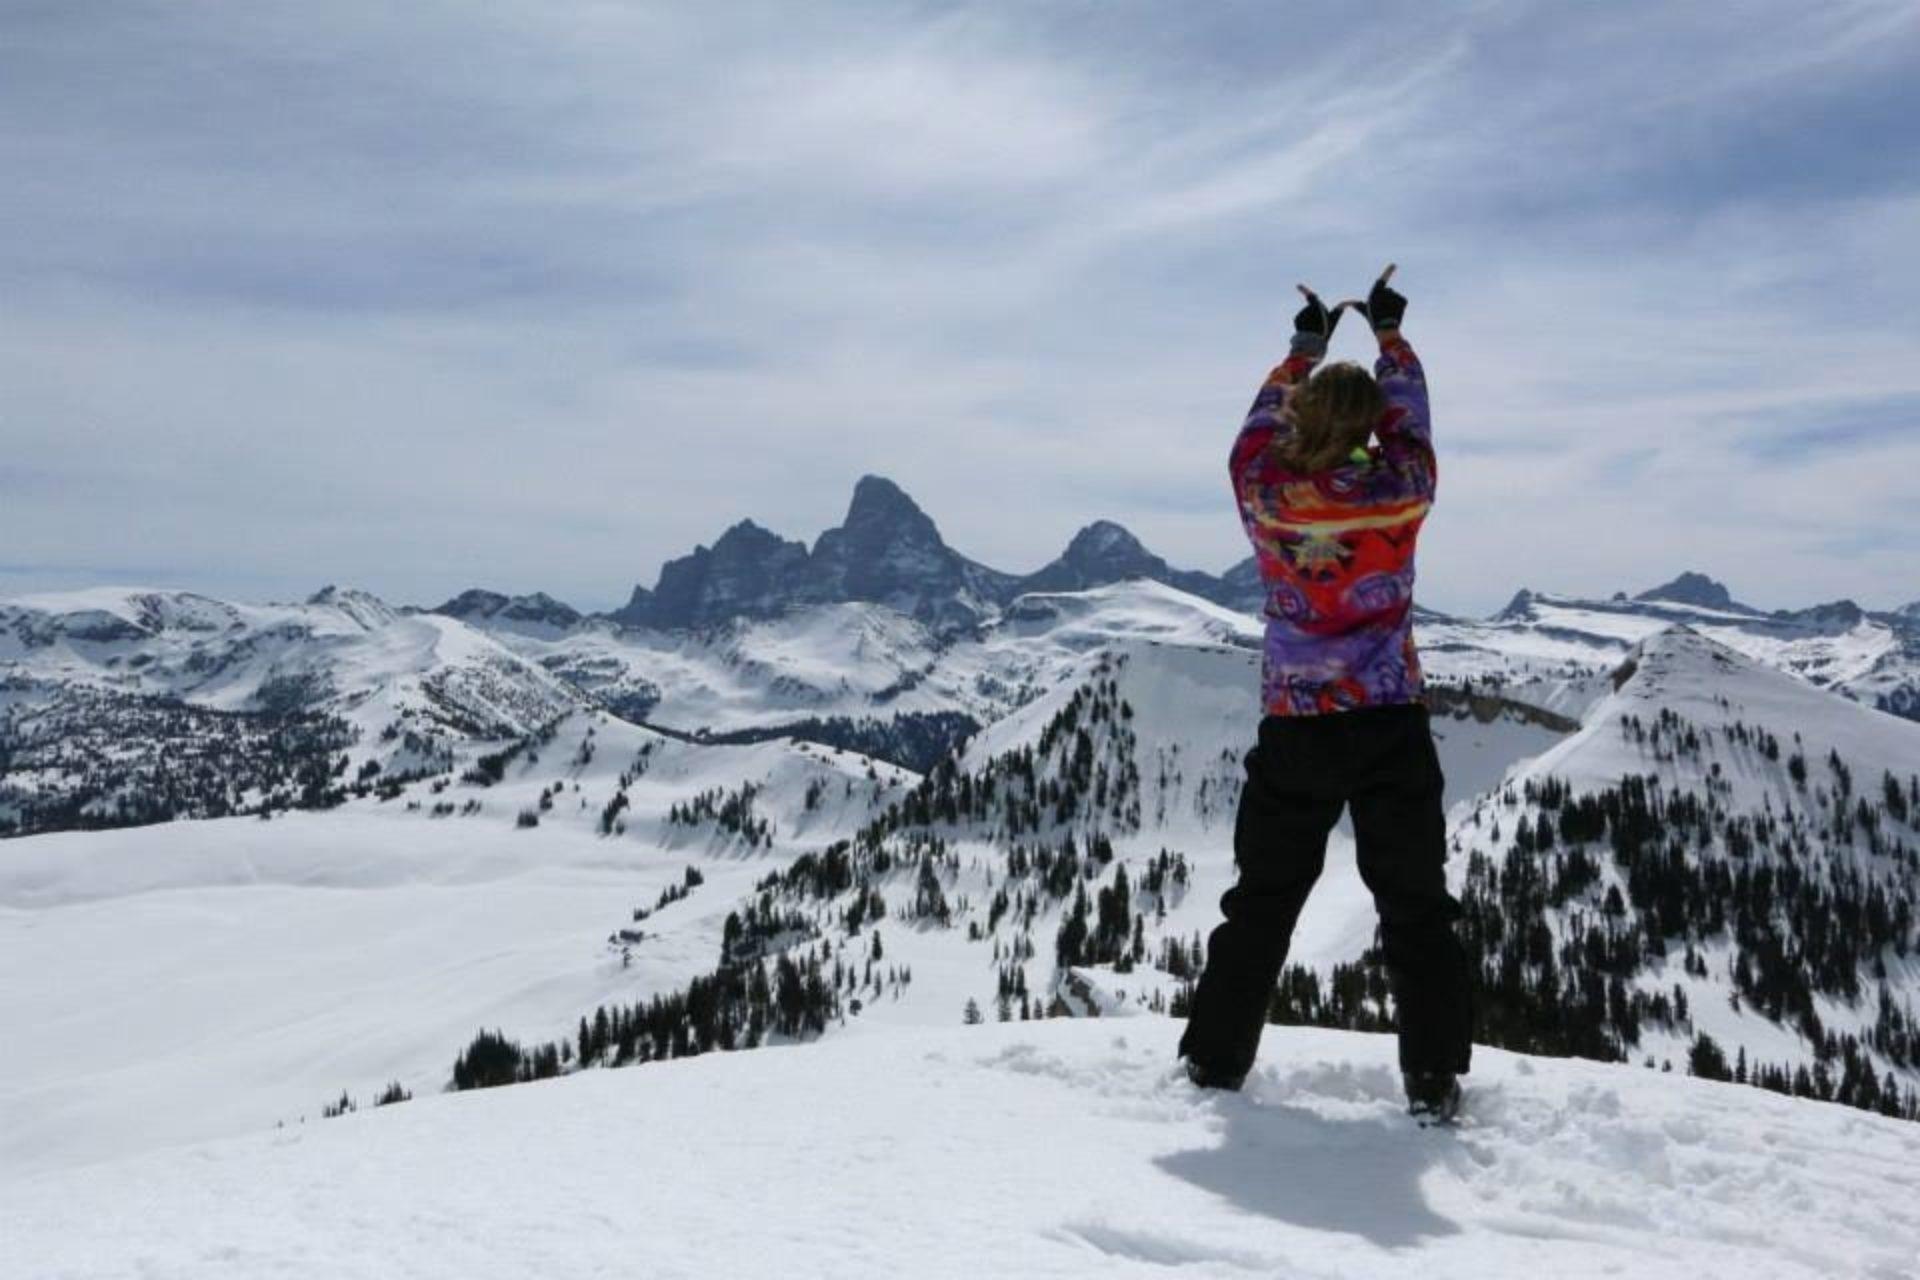 Wisco skier